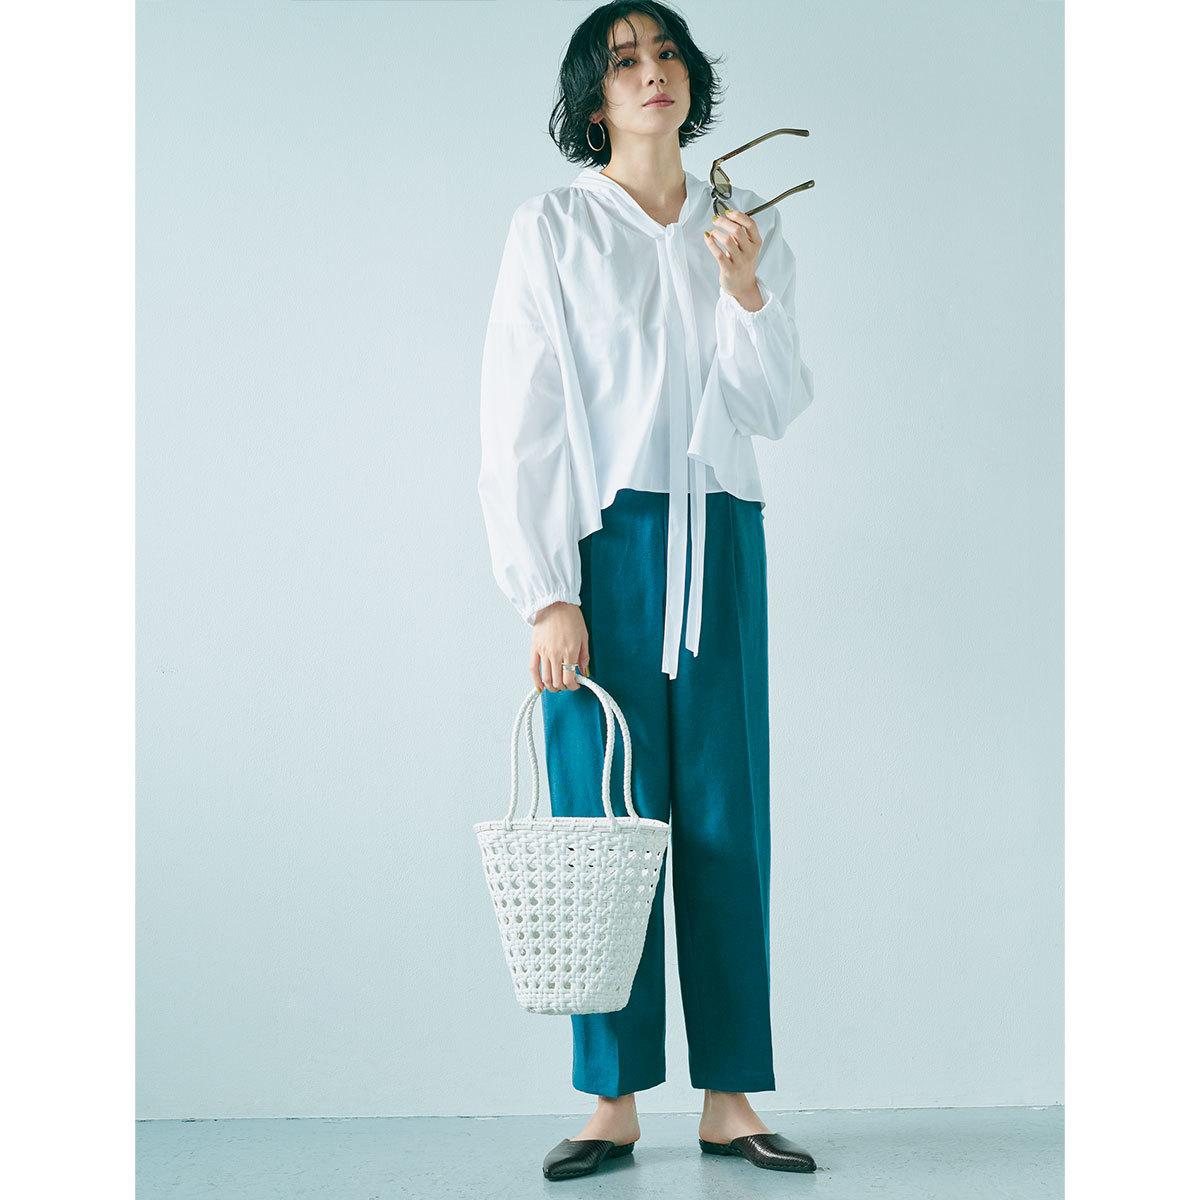 休日は大人の 編みバッグ がちょうどいい1